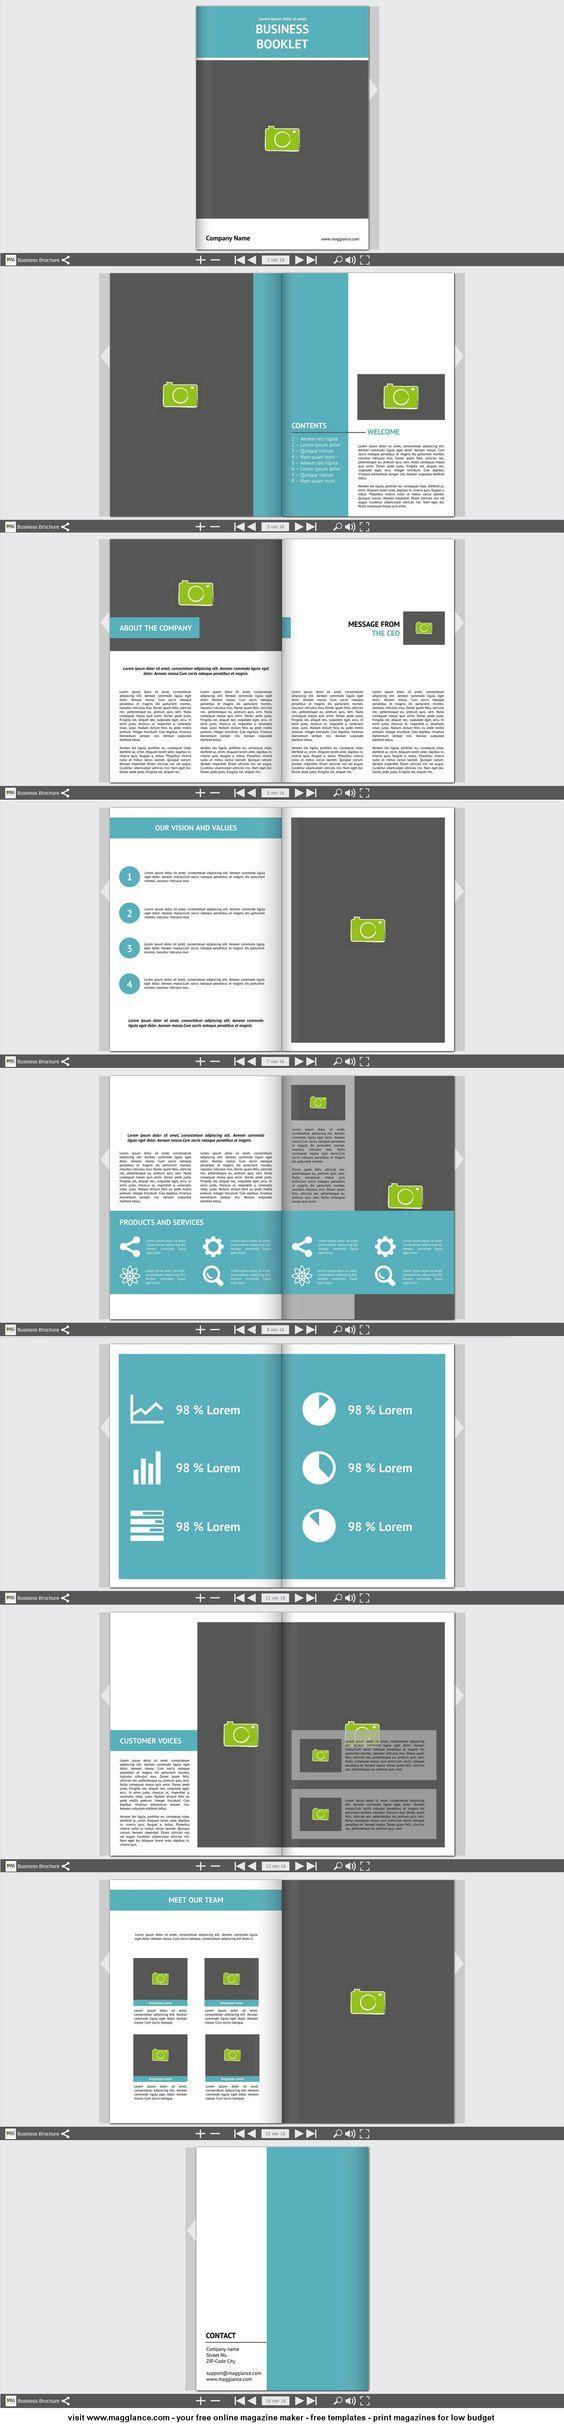 Crea brochure aziendale gratis online e stampa a un prezzo conveniente su  https://it.magglance.com/brochure/crea-brochure #brochure #template #design #modello #esempio #rivistaaziendale #layout #crea #progetta #copertina